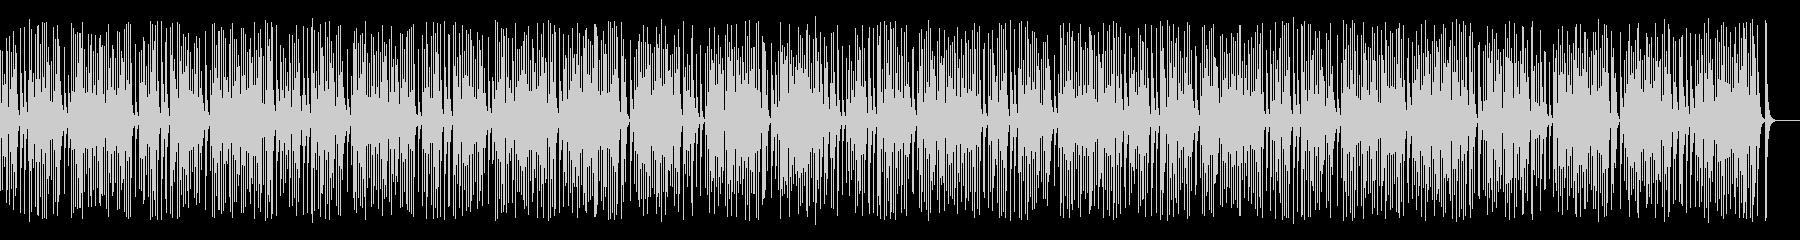 木琴がコロコロ可愛いレトロジャズの未再生の波形